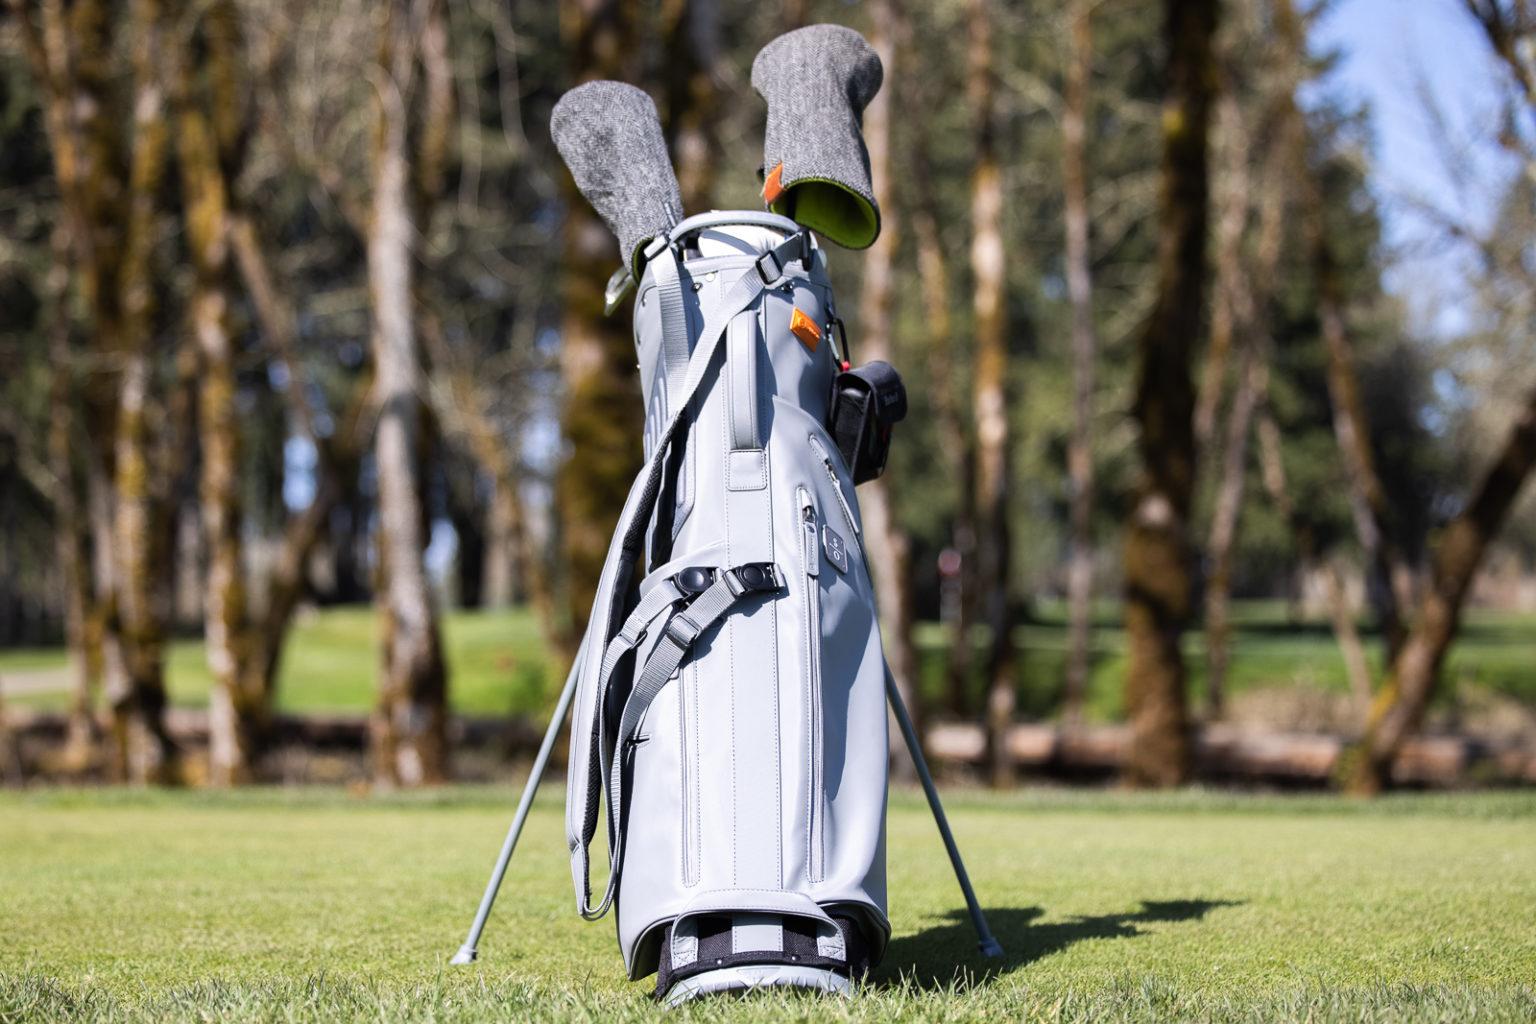 Stitch Golf Bag SL2